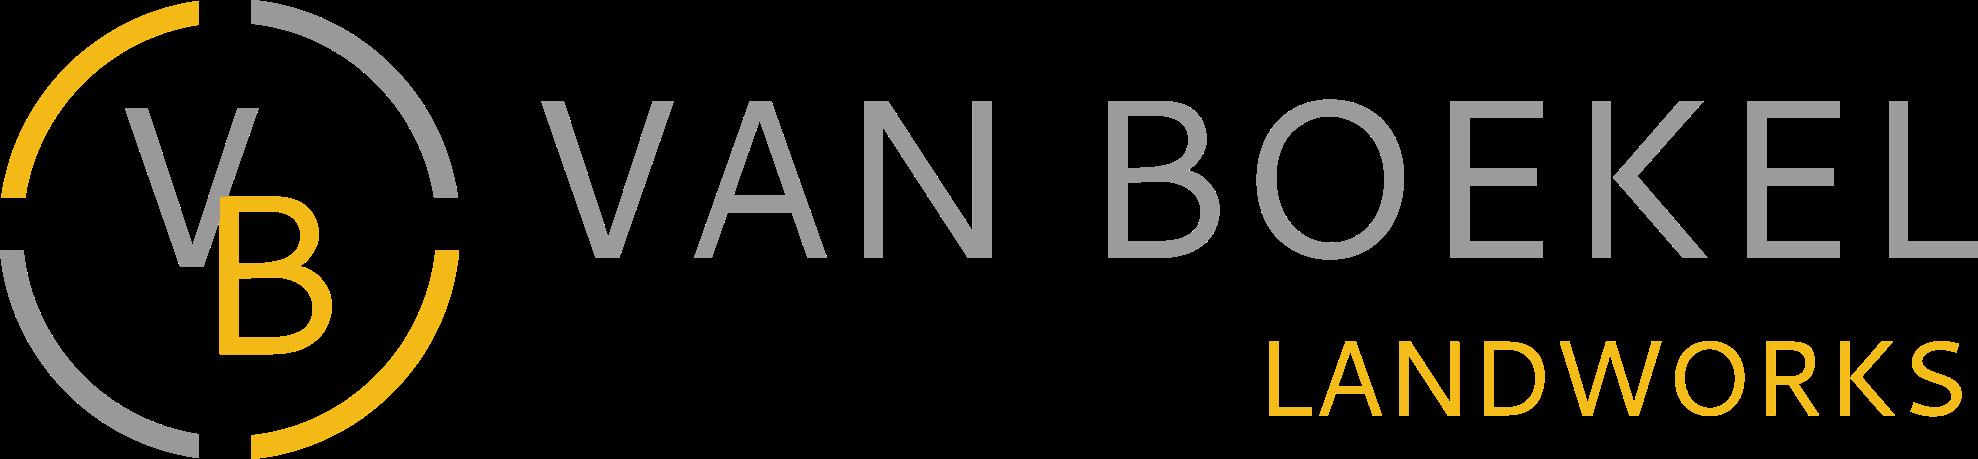 Van Boekel Landworks